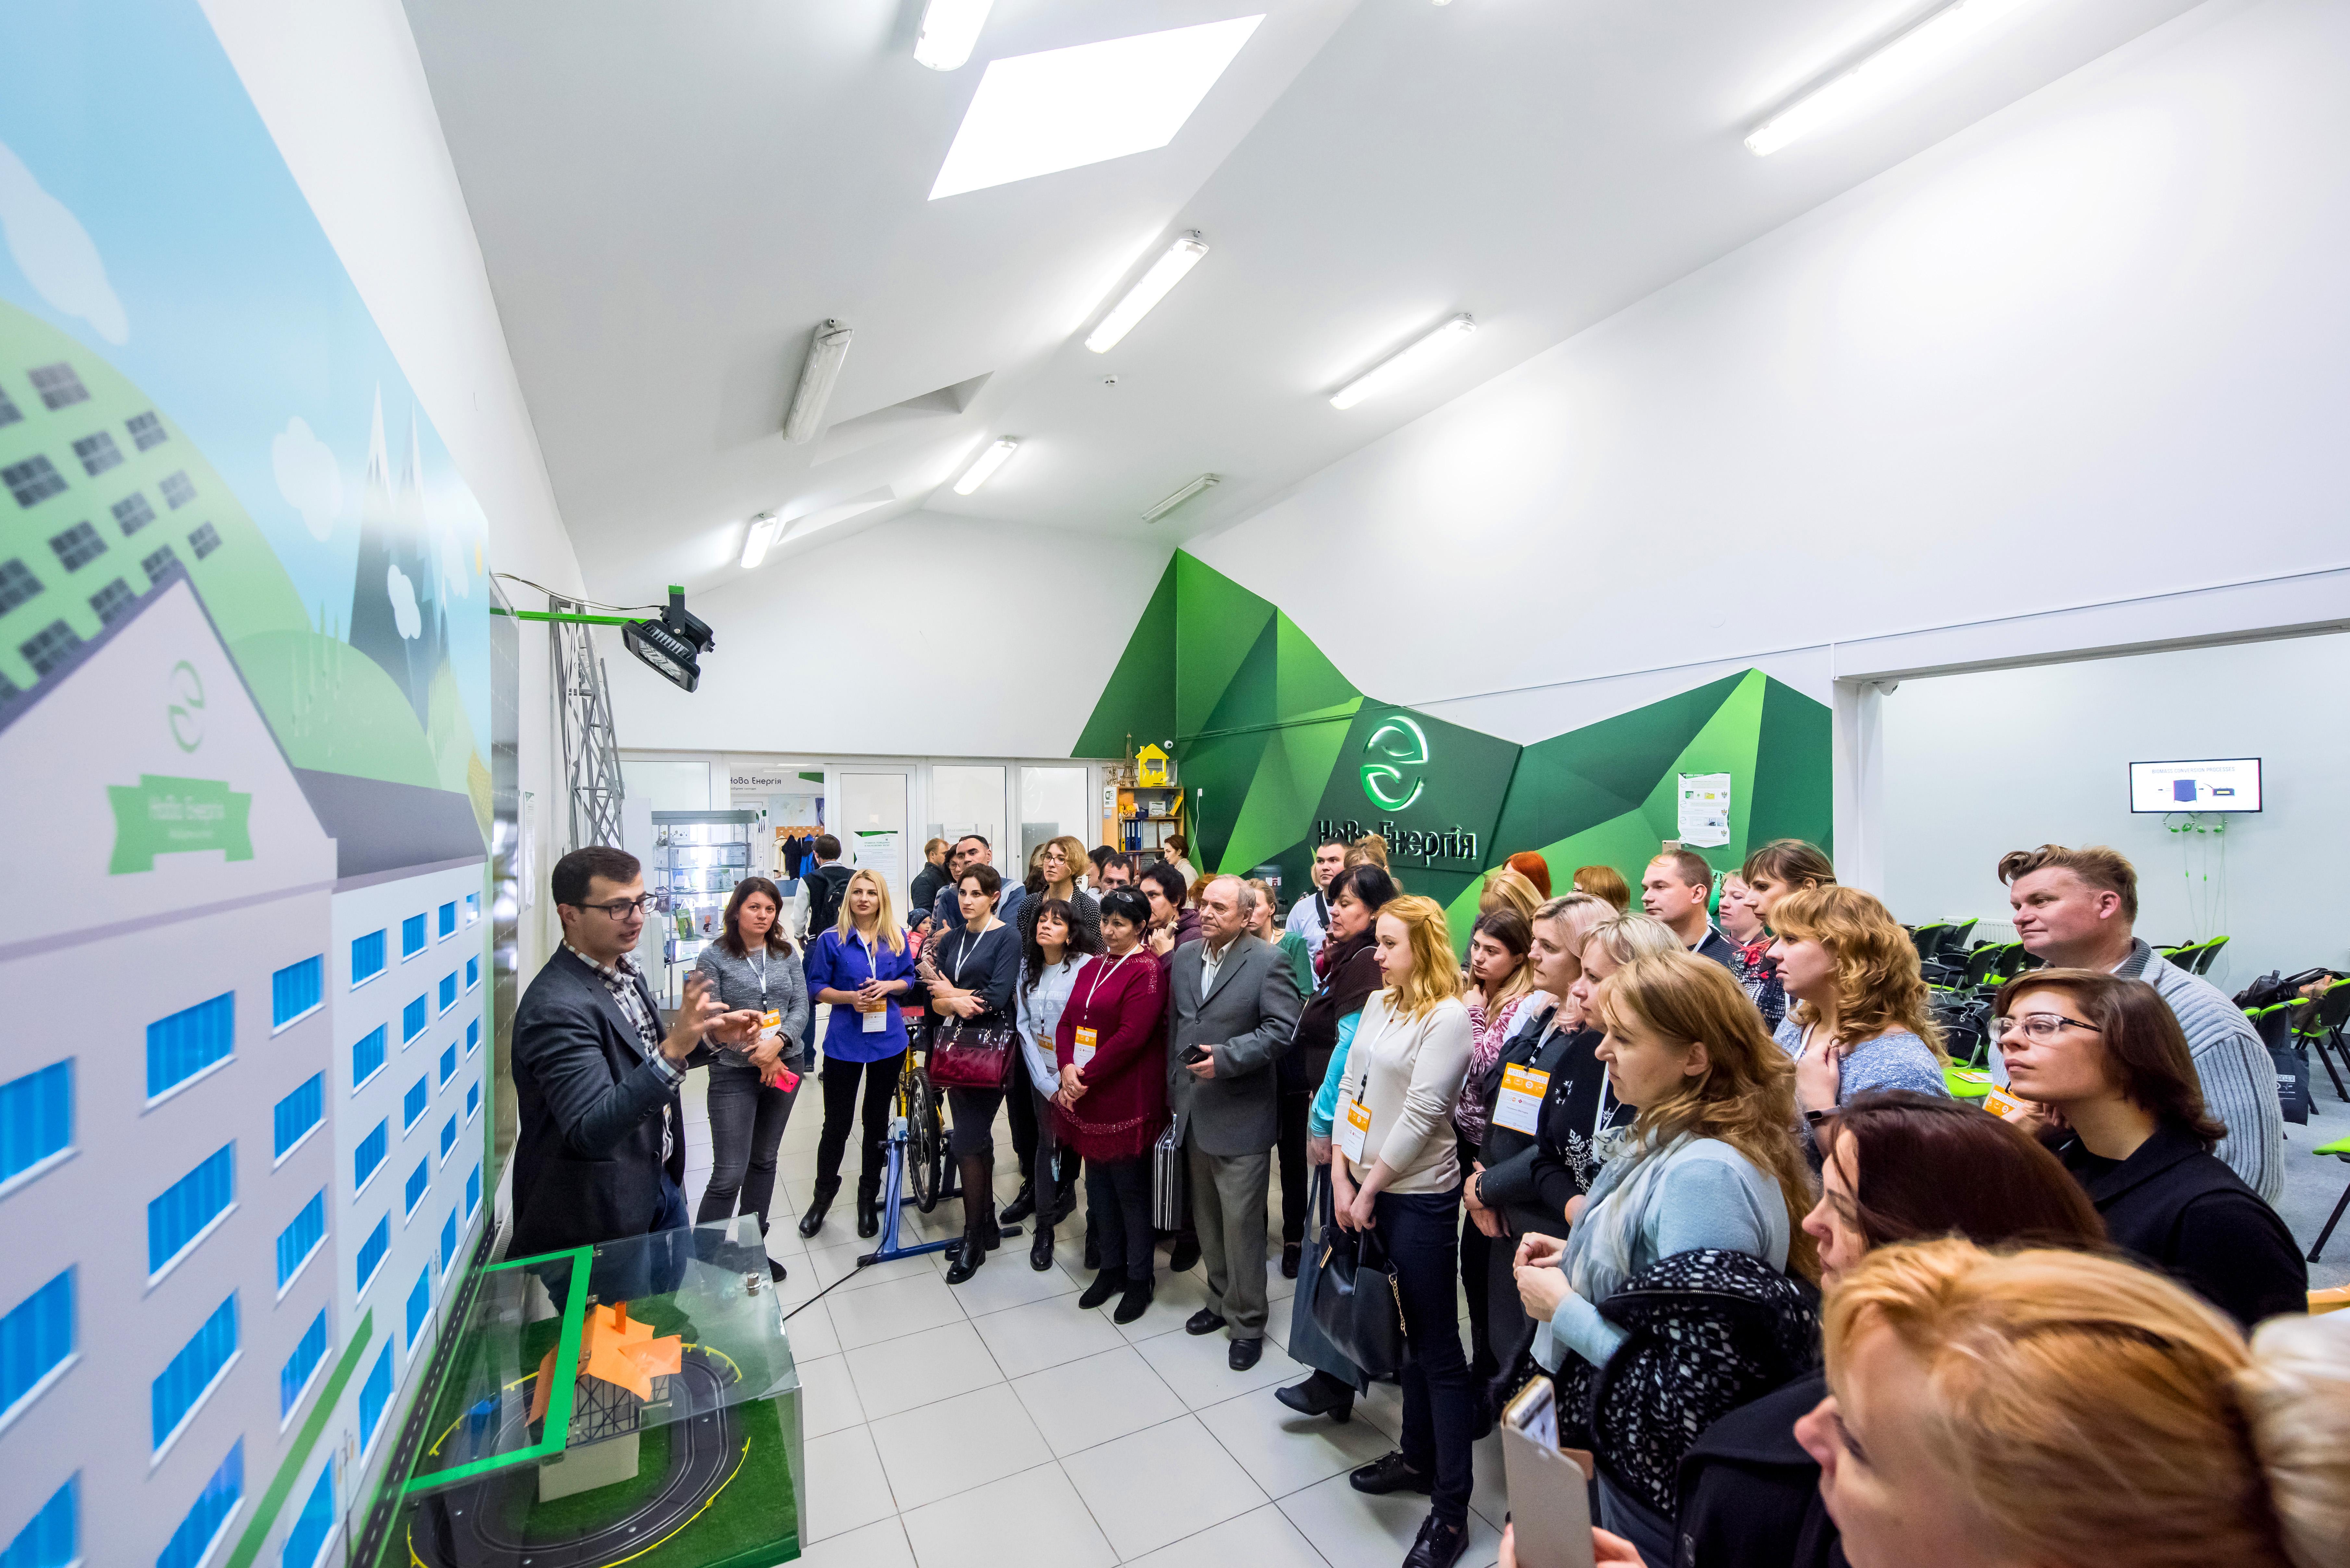 Вчителі СТЕМ-предметів під час Всеукраїнського Хакатону в Івано-Франківську, 2018 рік.